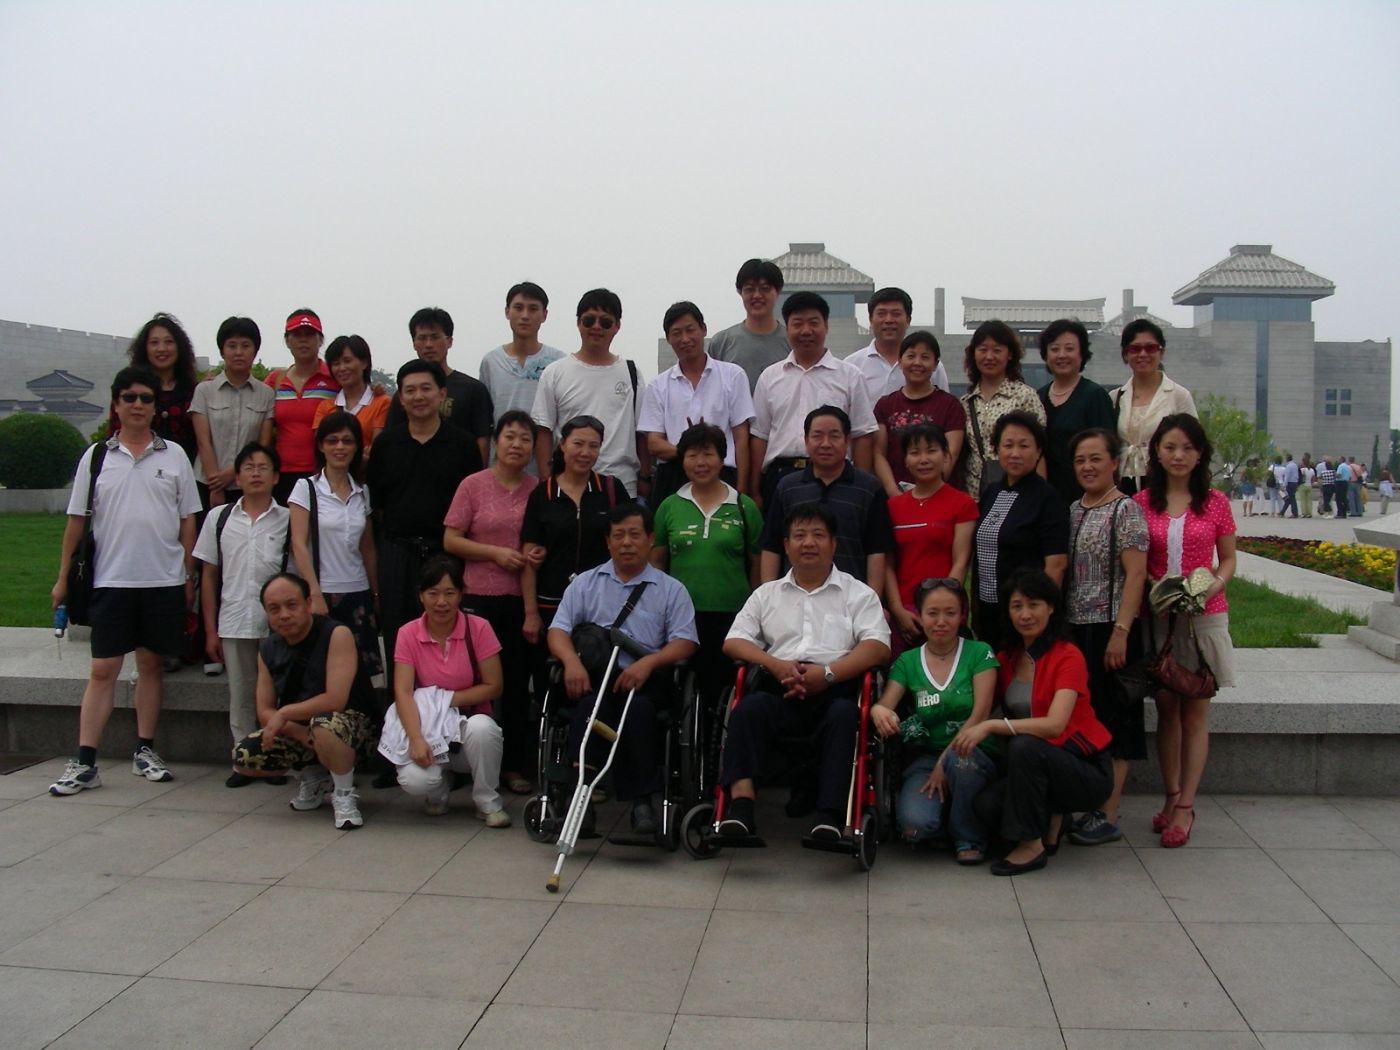 在陕西的记忆_图1-33